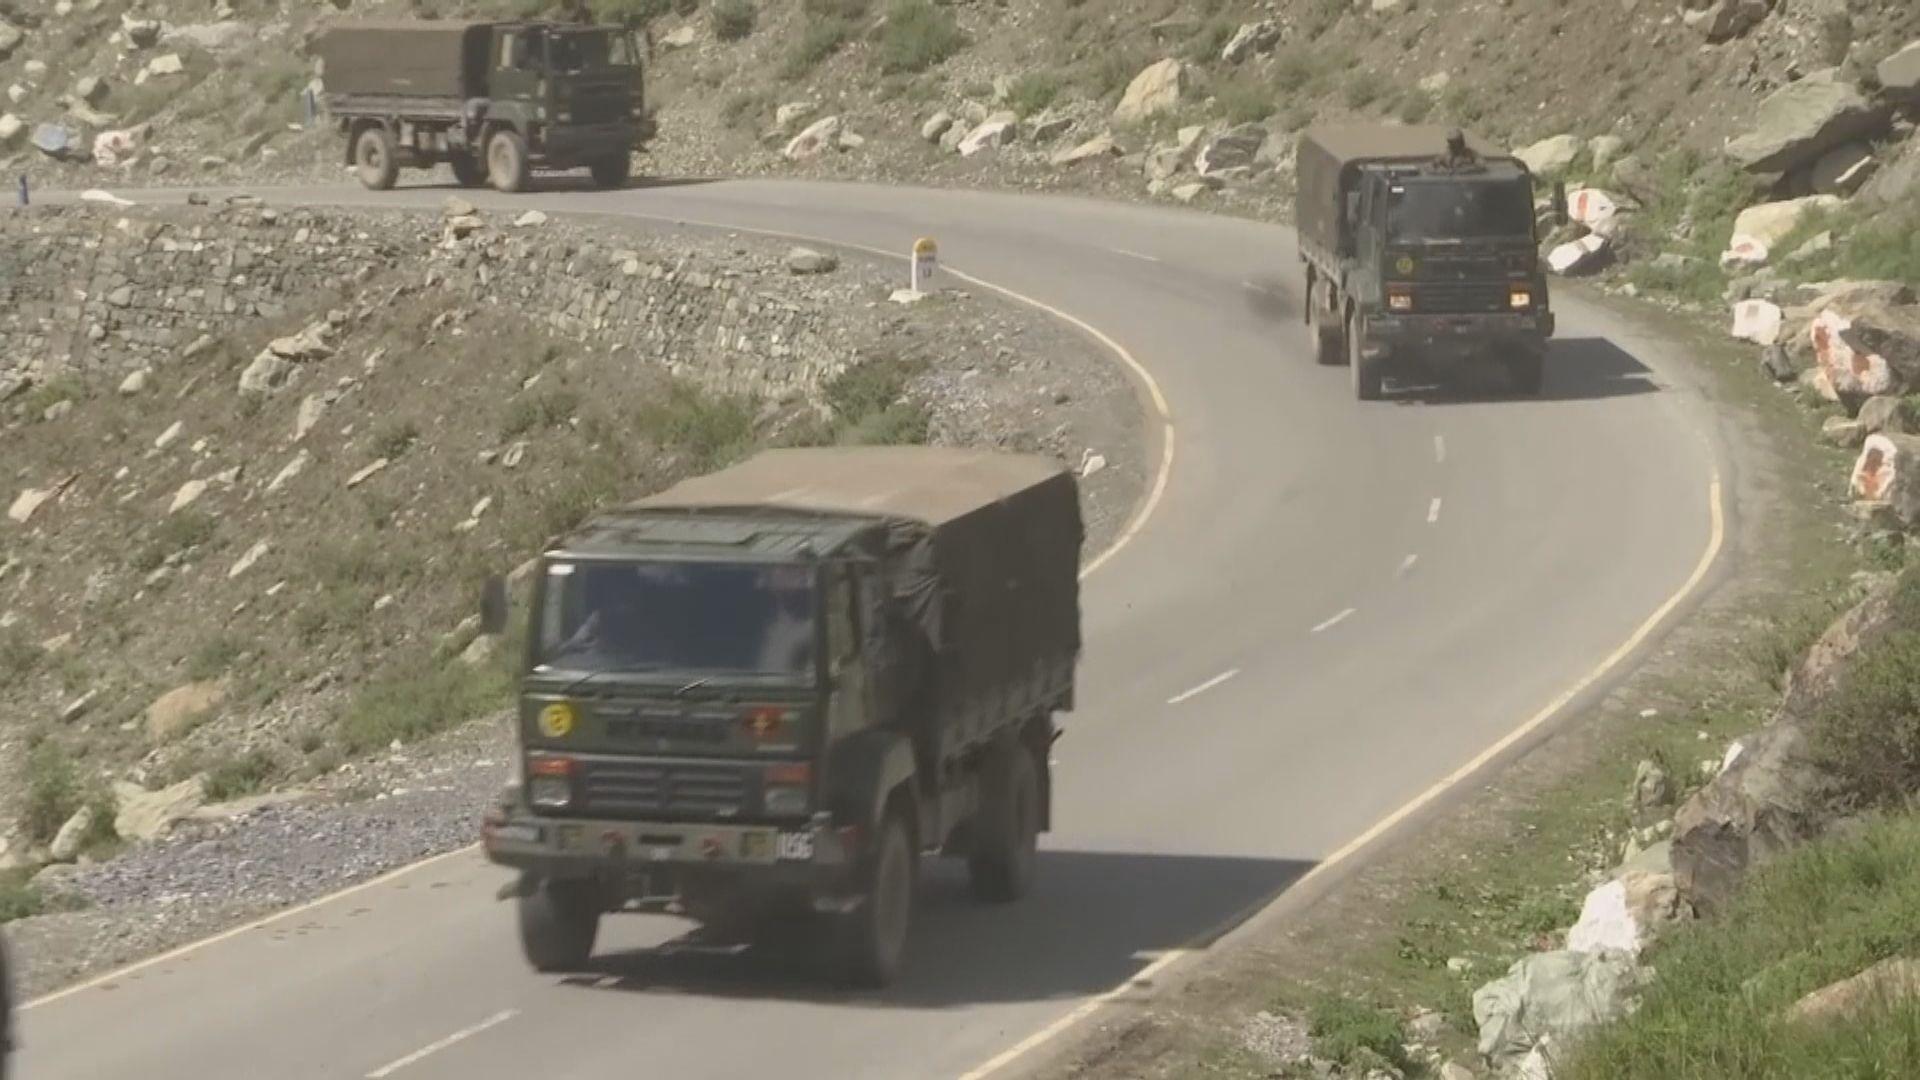 中印新一輪軍長級邊境會談 雙方形容具建設性